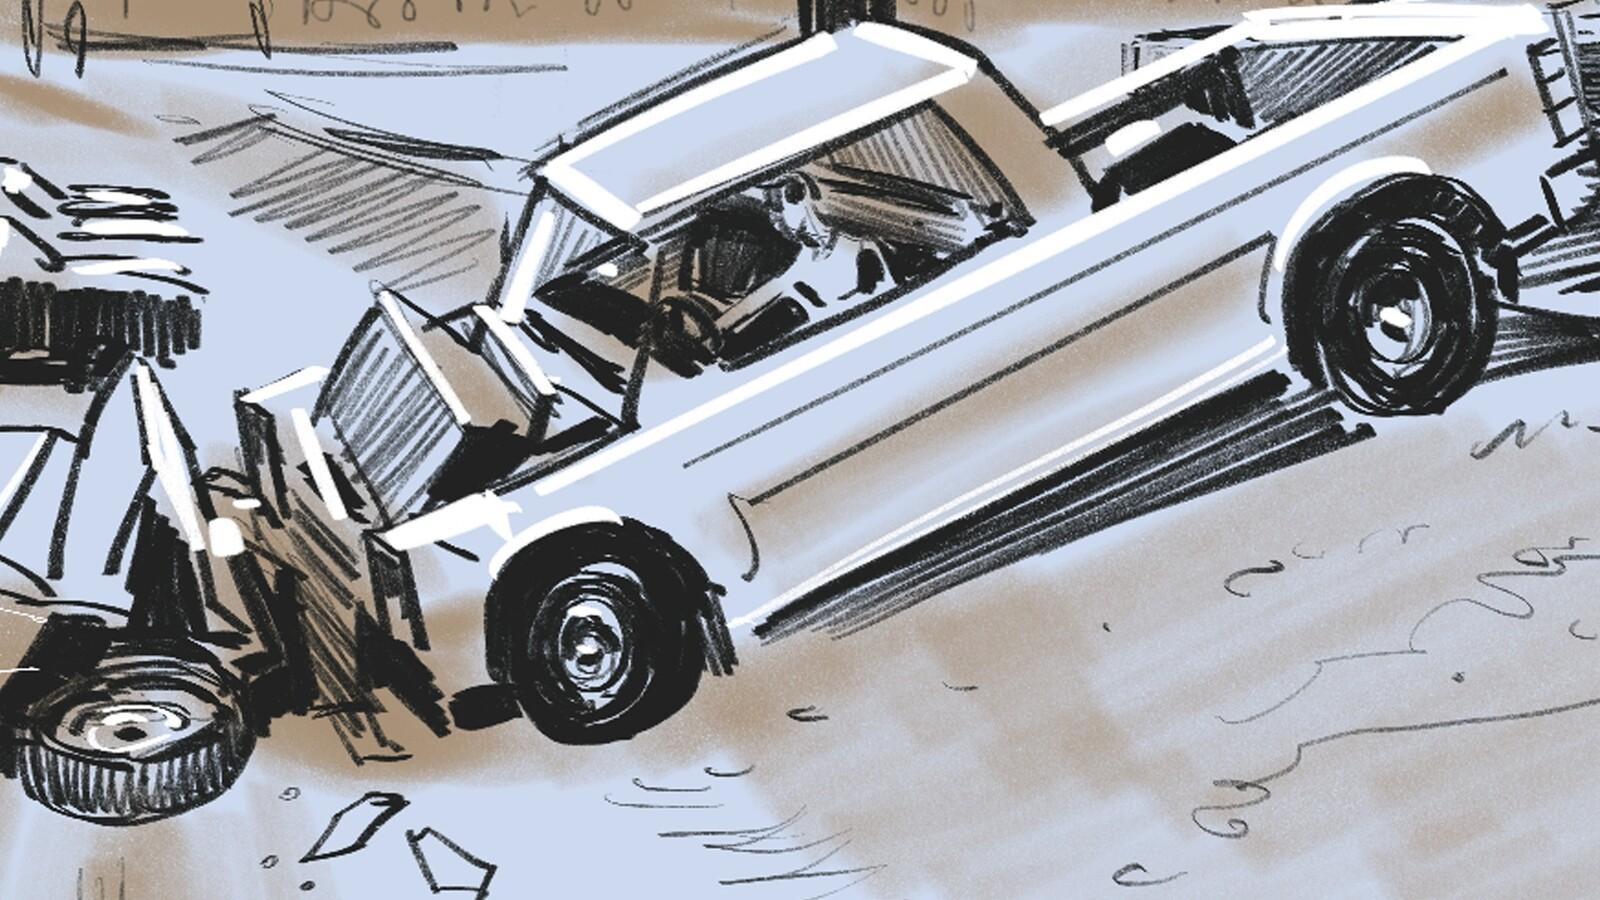 FRAME #37 -LS-Side, Profile-Floating: Presses gas. Truck rolls back until HORN HONKS.